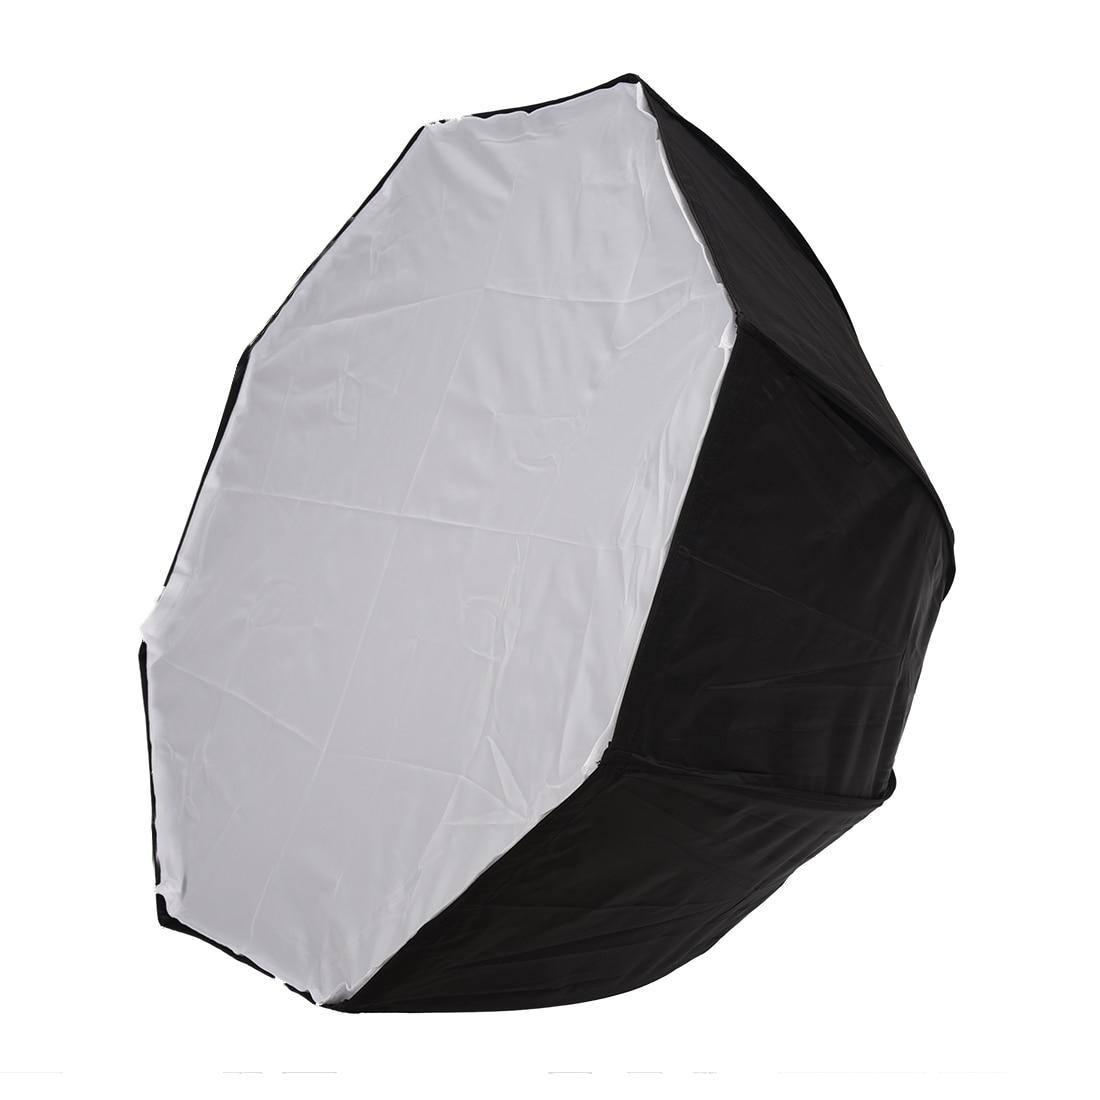 Octagon Umbrella Speedlite Softbox: 80cm / 31.5in Octagon Umbrella Softbox Reflector Diffuser